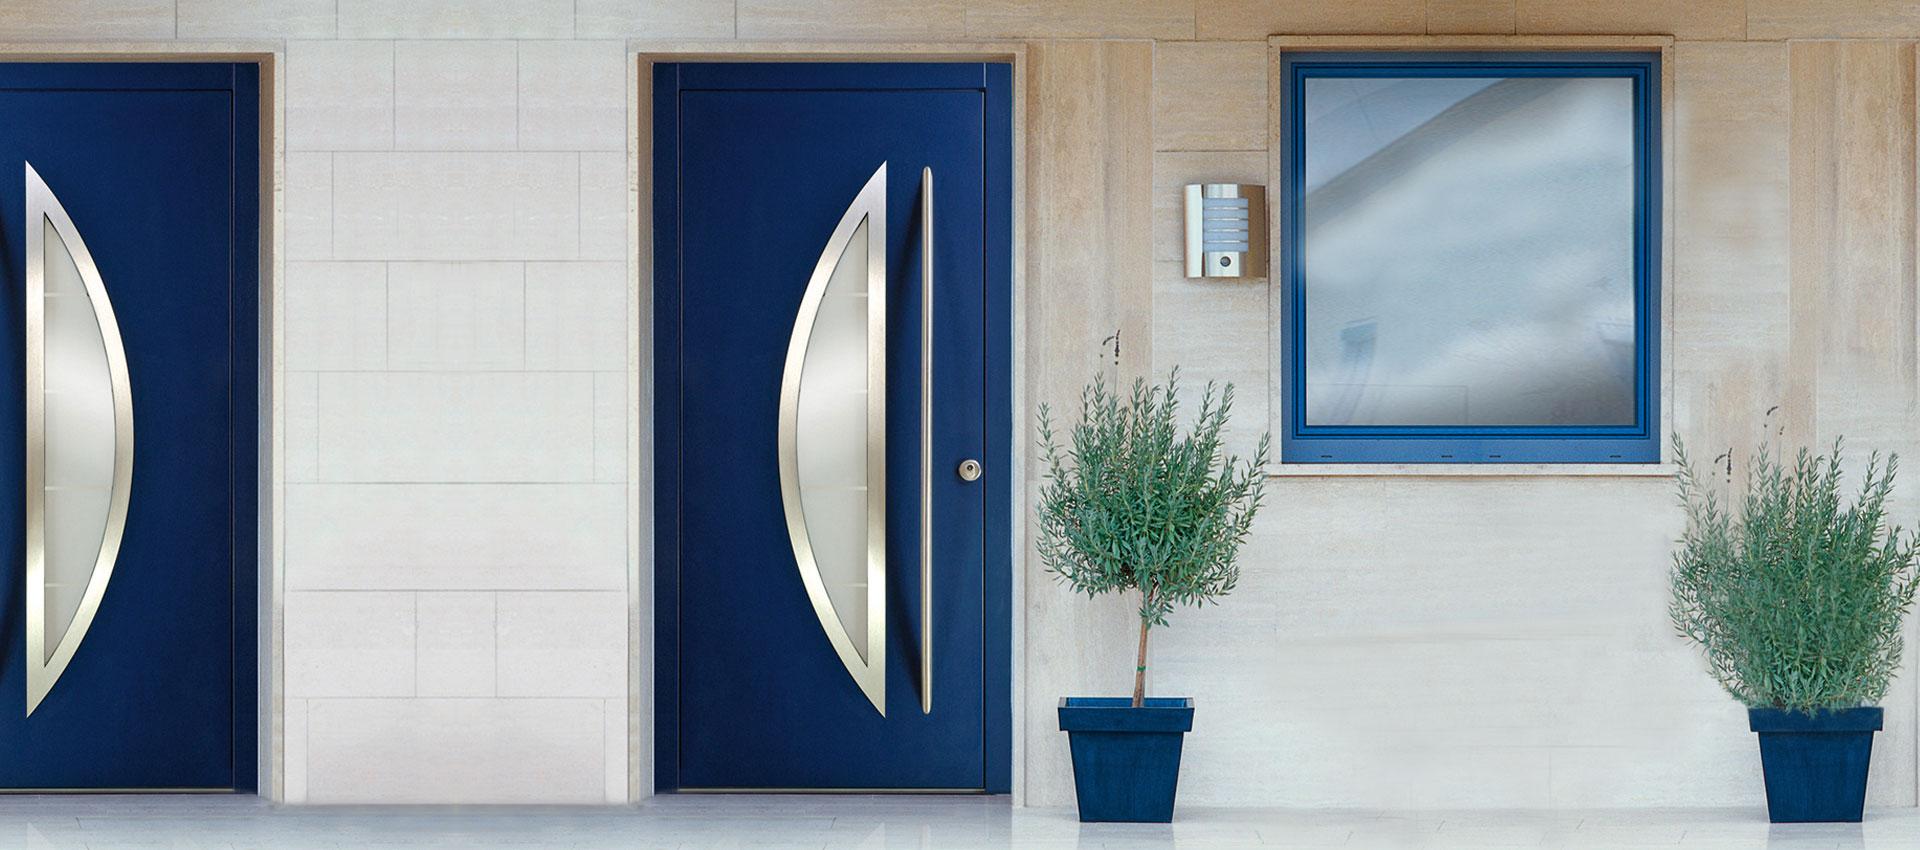 Porte d 39 ingresso okna samoraj porte e finestre in pvc - Porte ingresso vetro ...